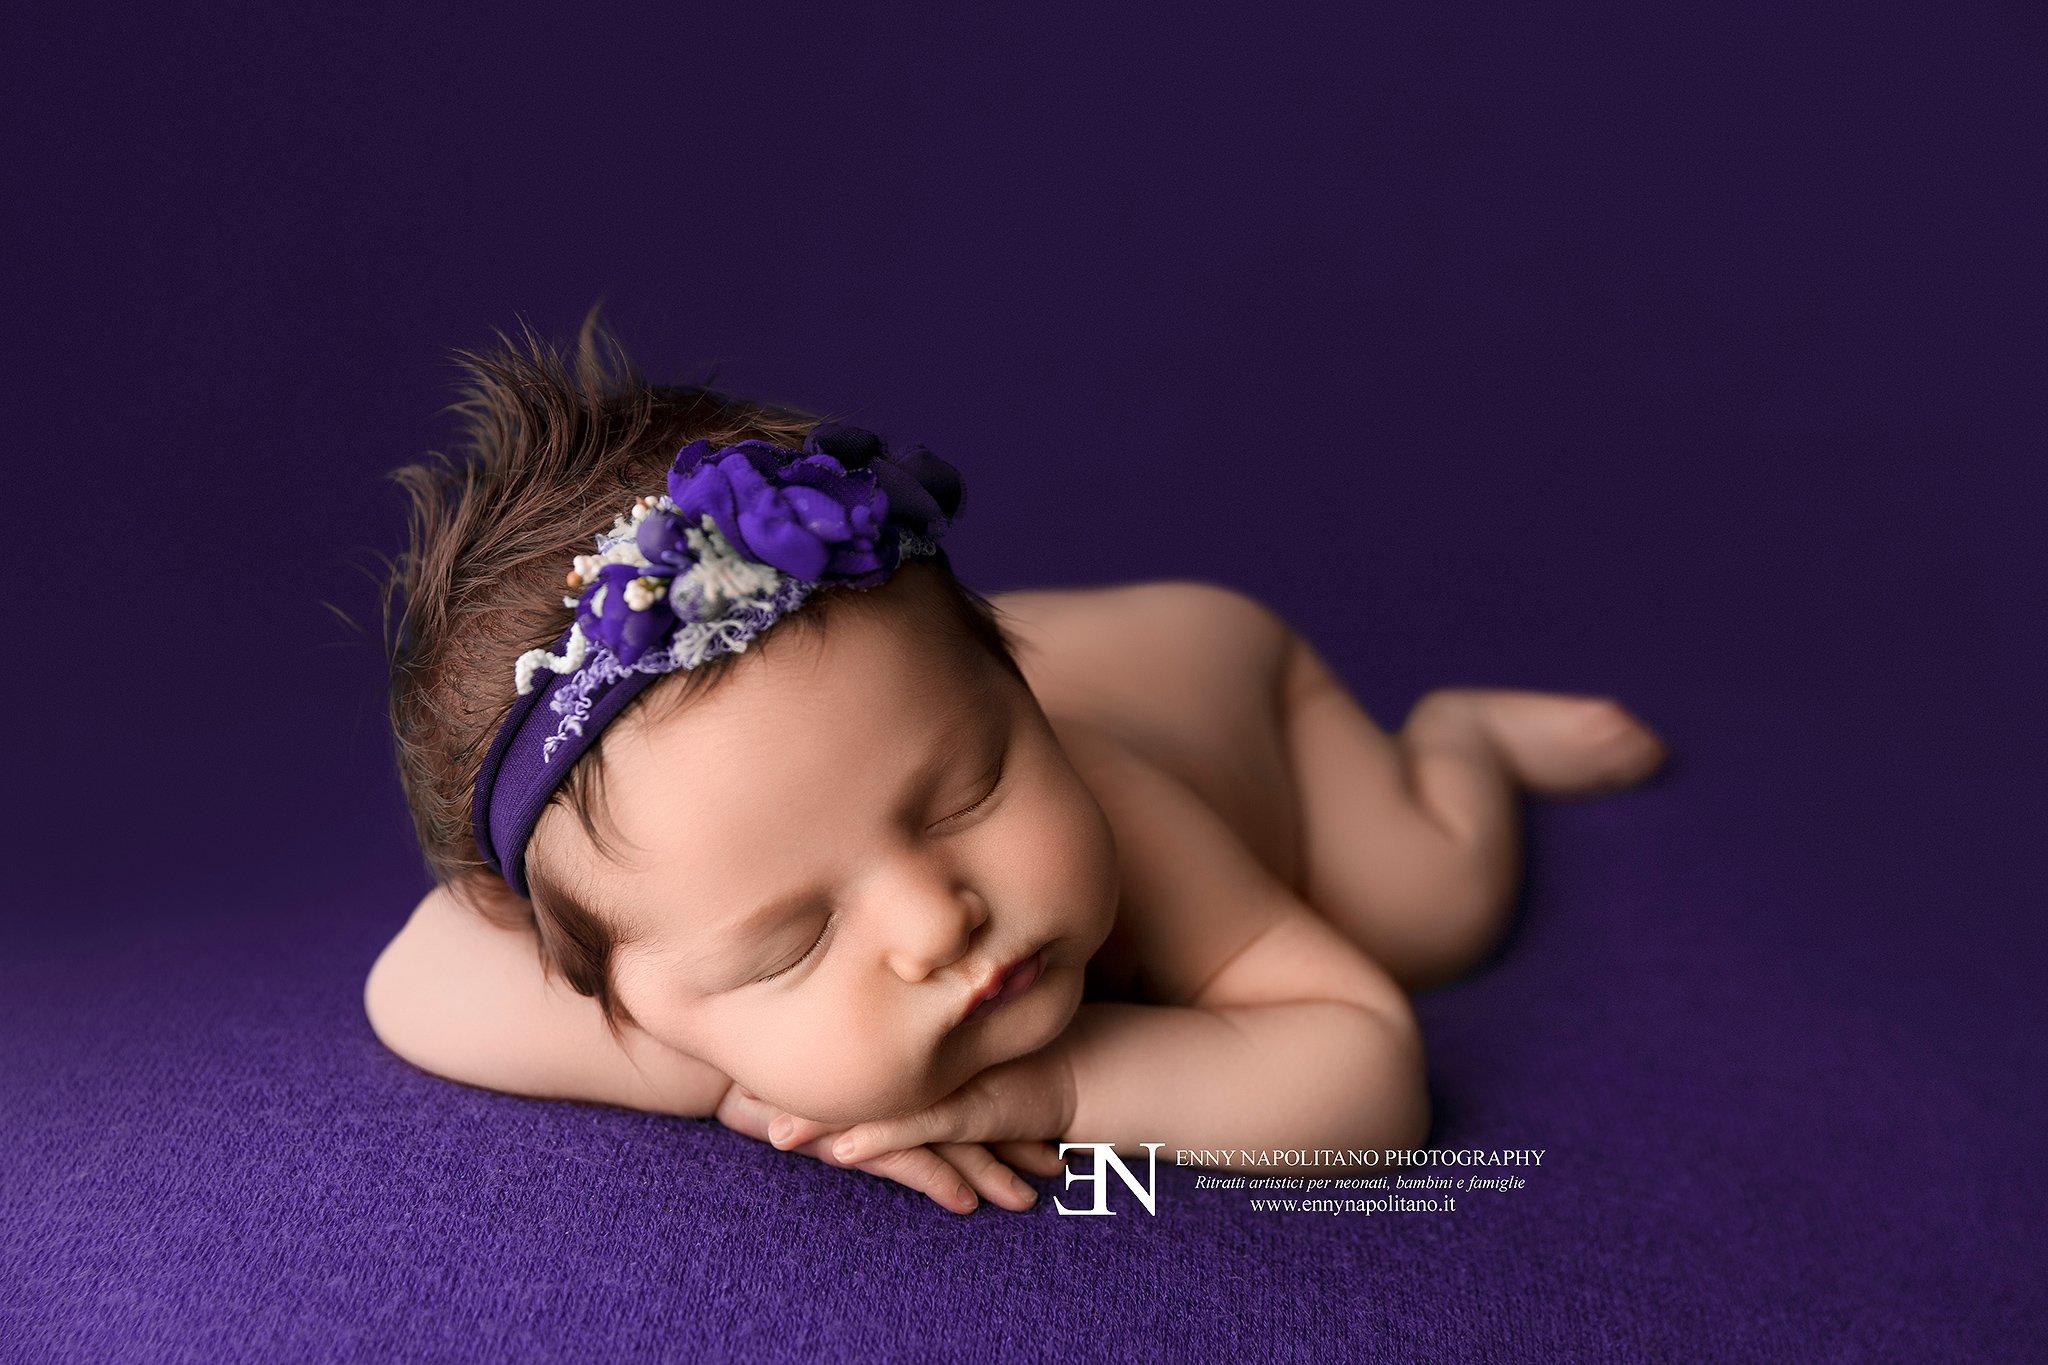 neonata che dorme in posa su coperta viola durante un servizio fotografico newborn per neonati e bambini a Milano